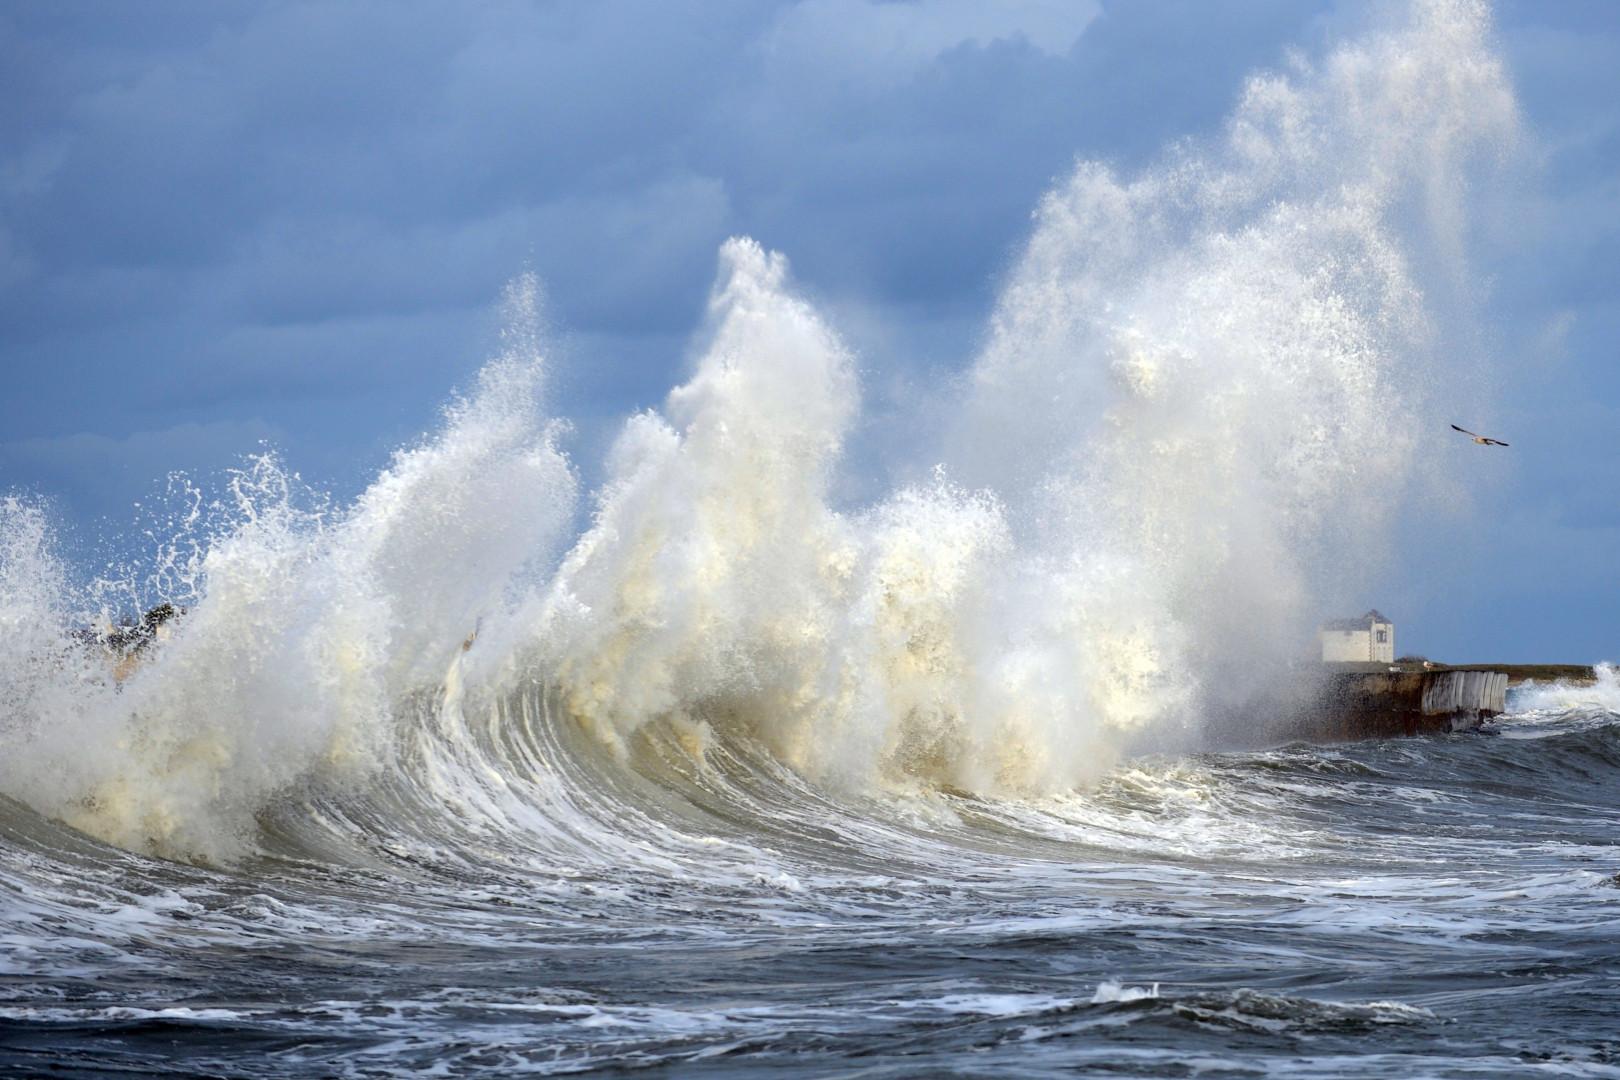 Des hautes vagues dans le port de Lesconil, en Bretagne, le 20 février 2015.